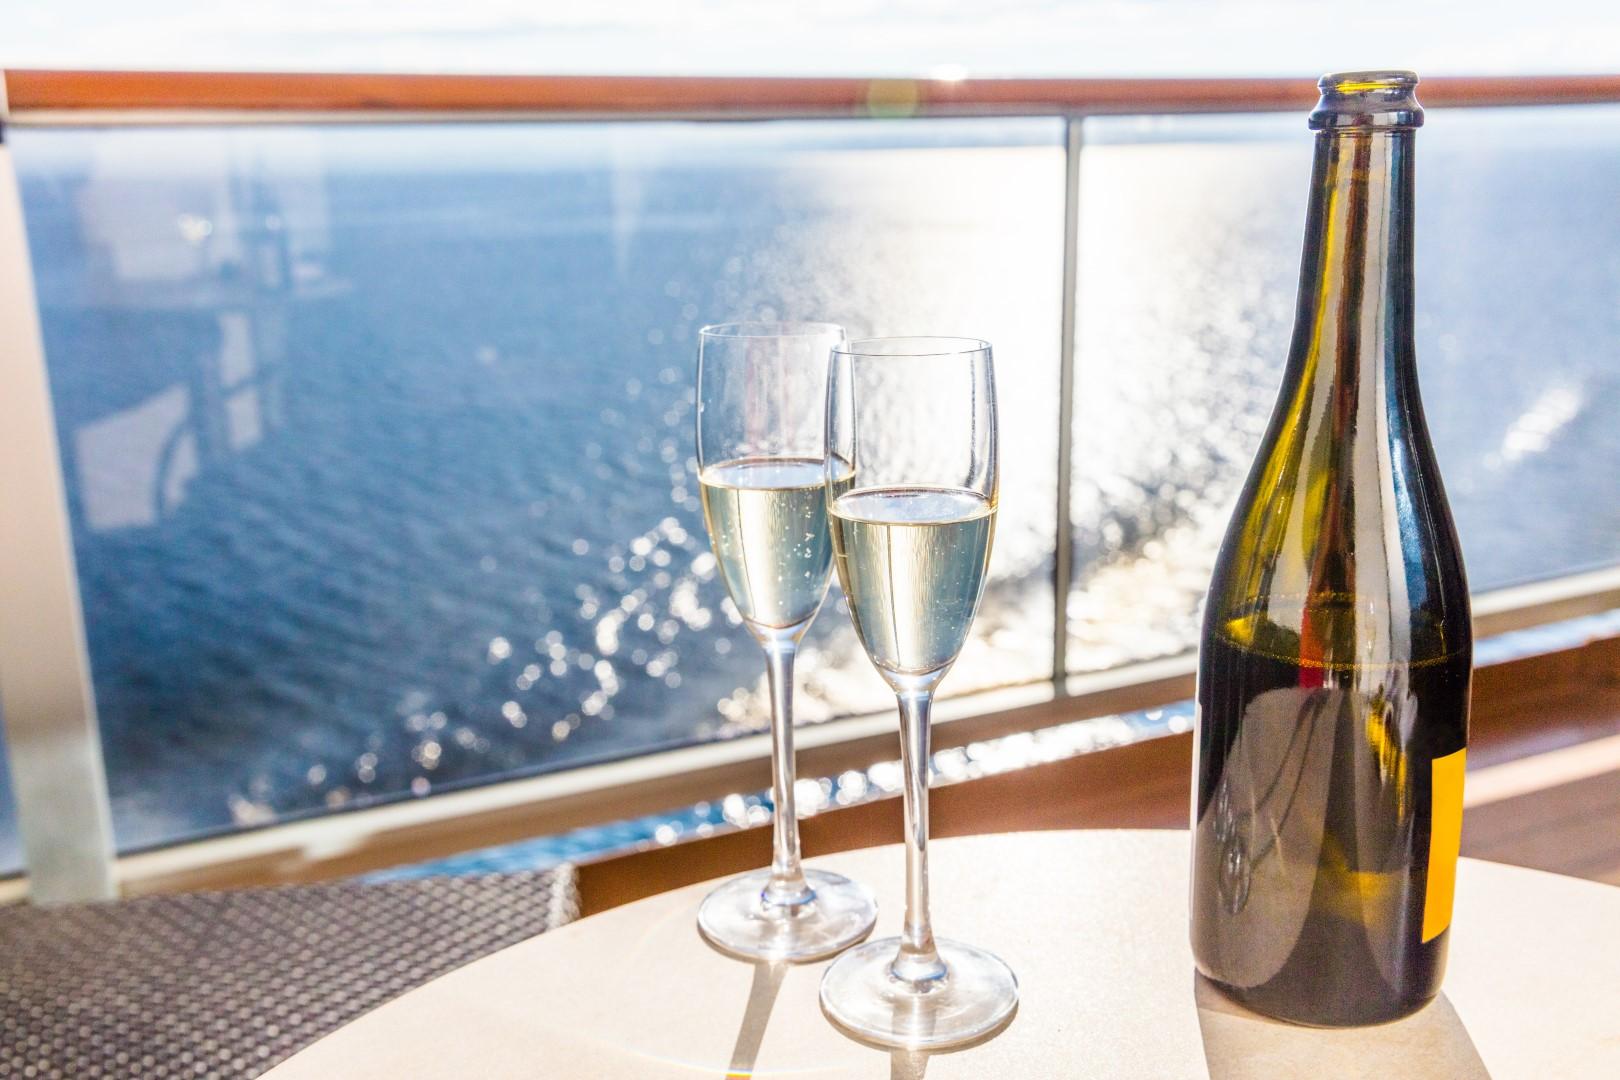 Wine onboard